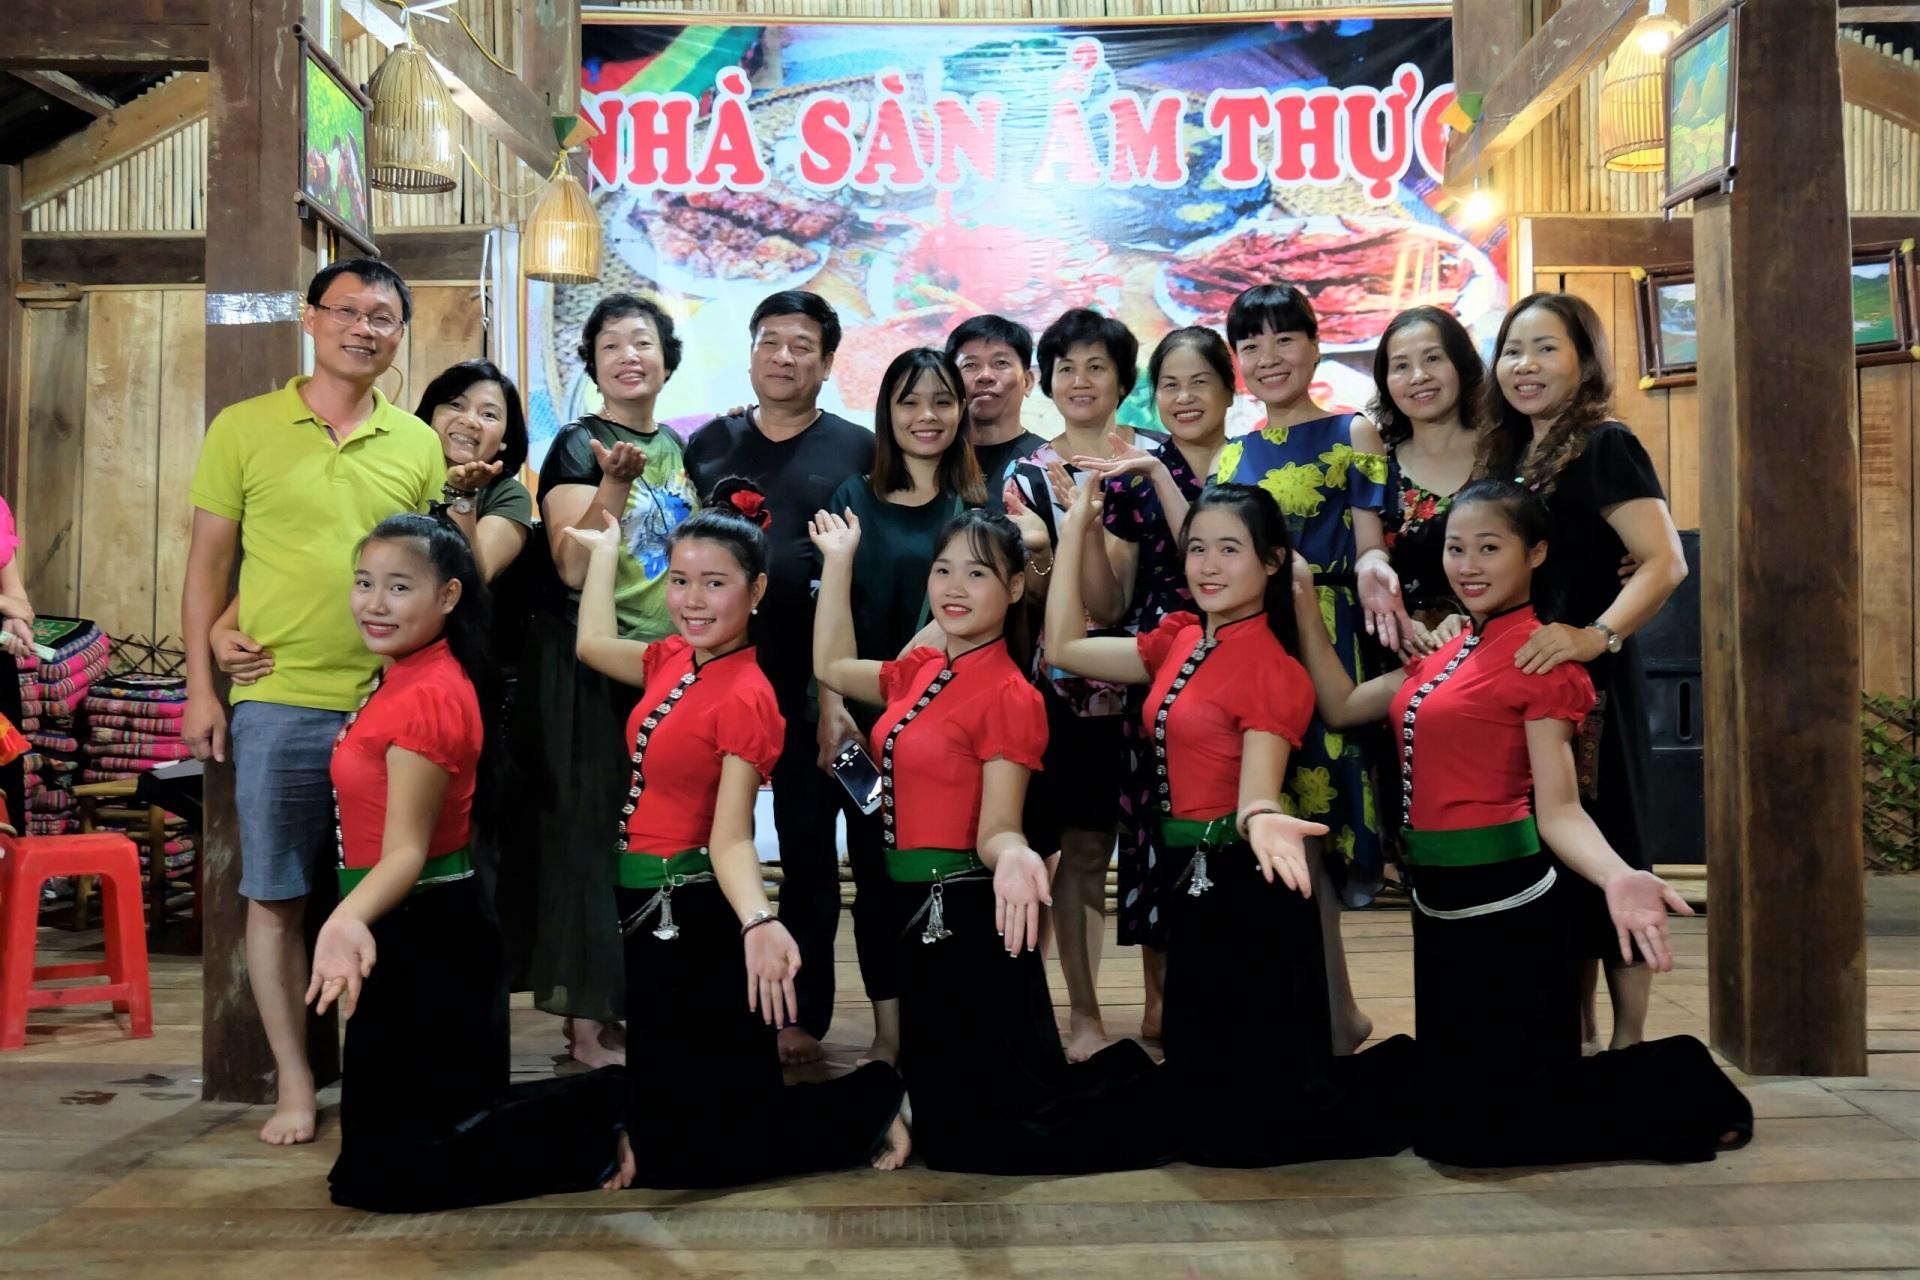 Du lịch Mù Cang Chải - Tiên Phong Travel